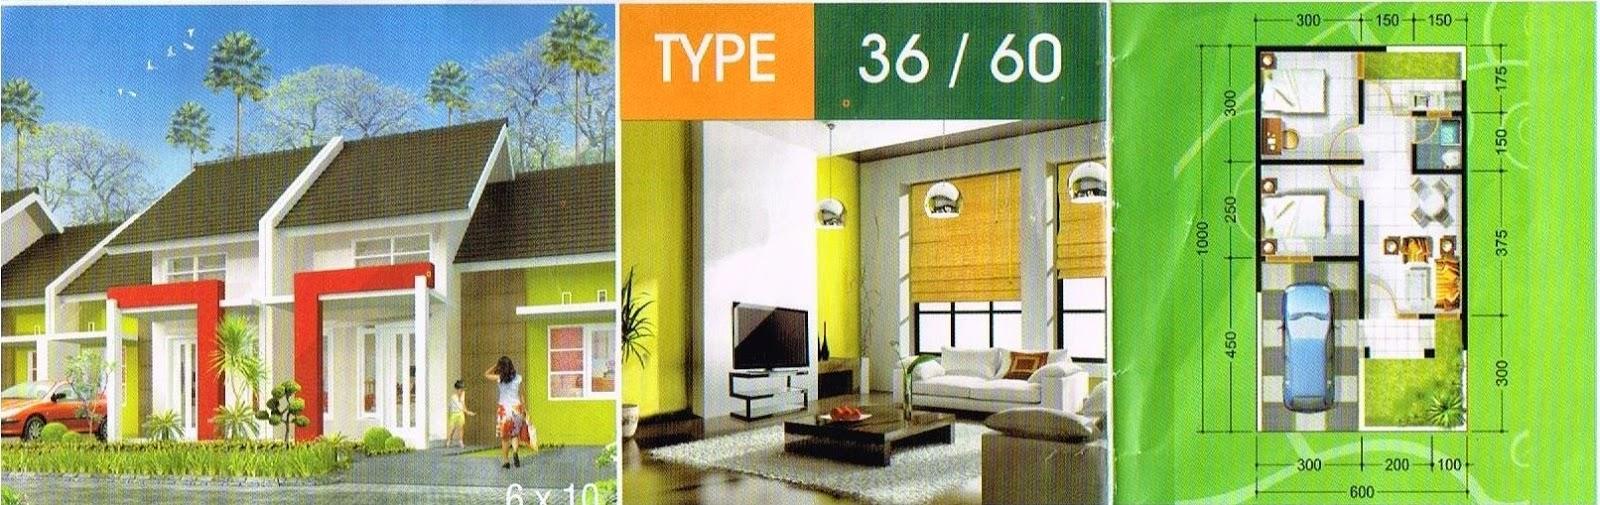 66 Desain Rumah Minimalis Type 36 60 Desain Rumah Minimalis Terbaru